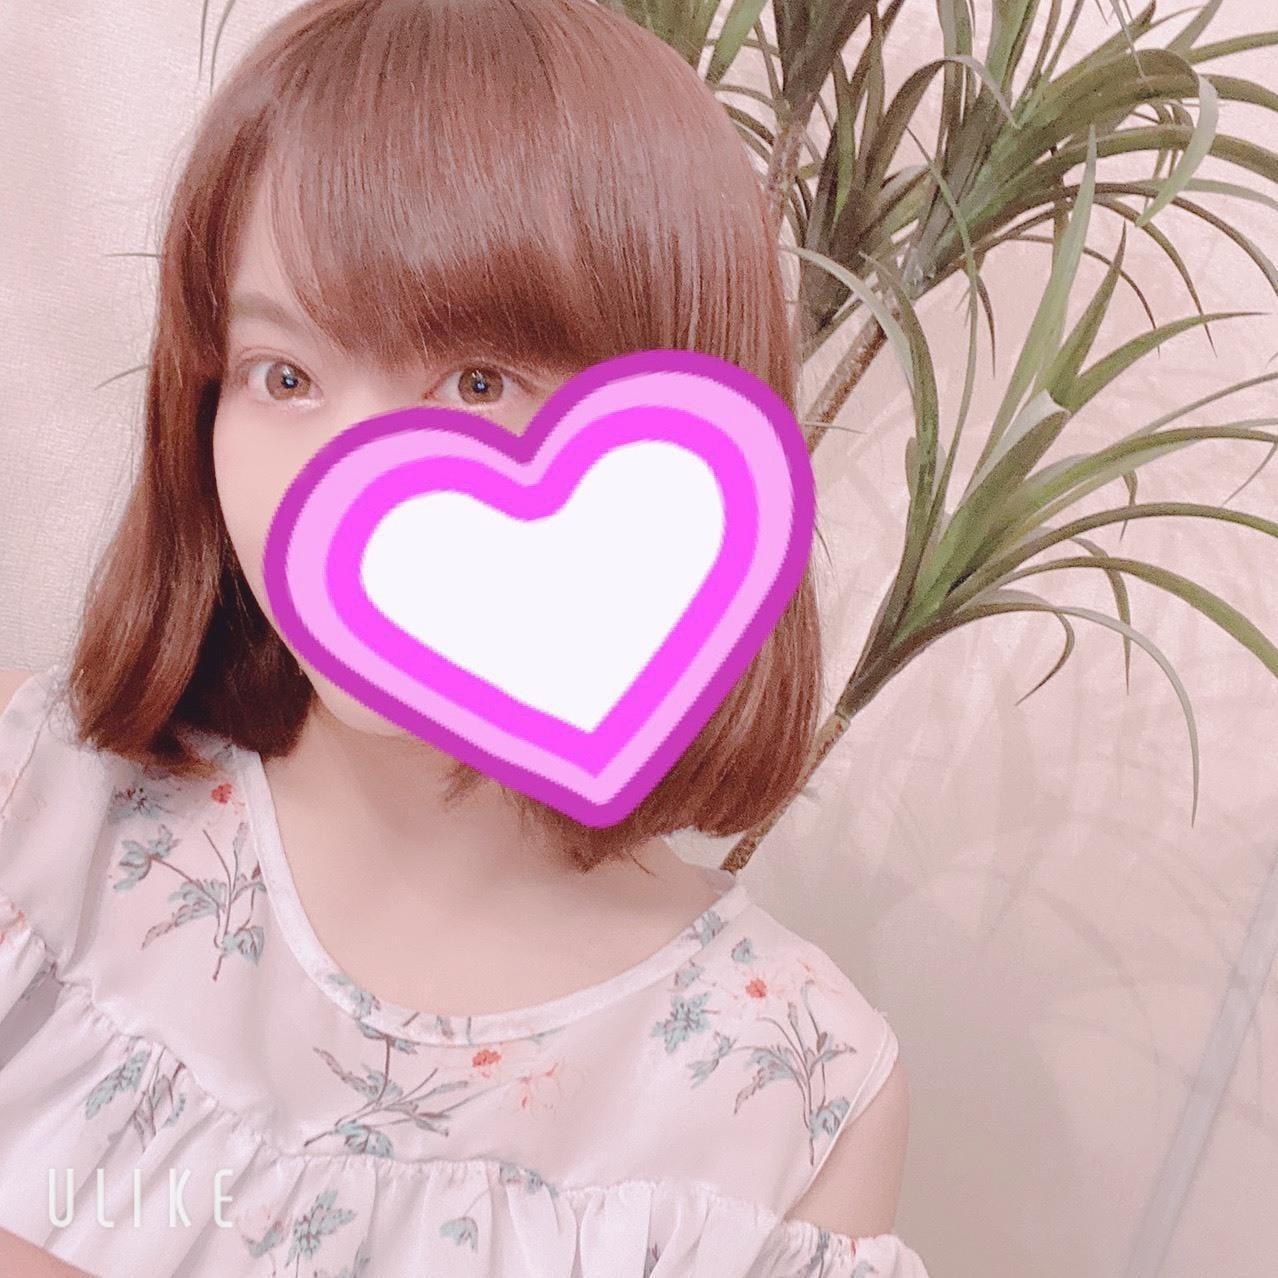 「お誘いありがとうございました!」06/20日(日) 14:38 | るるの写メ・風俗動画